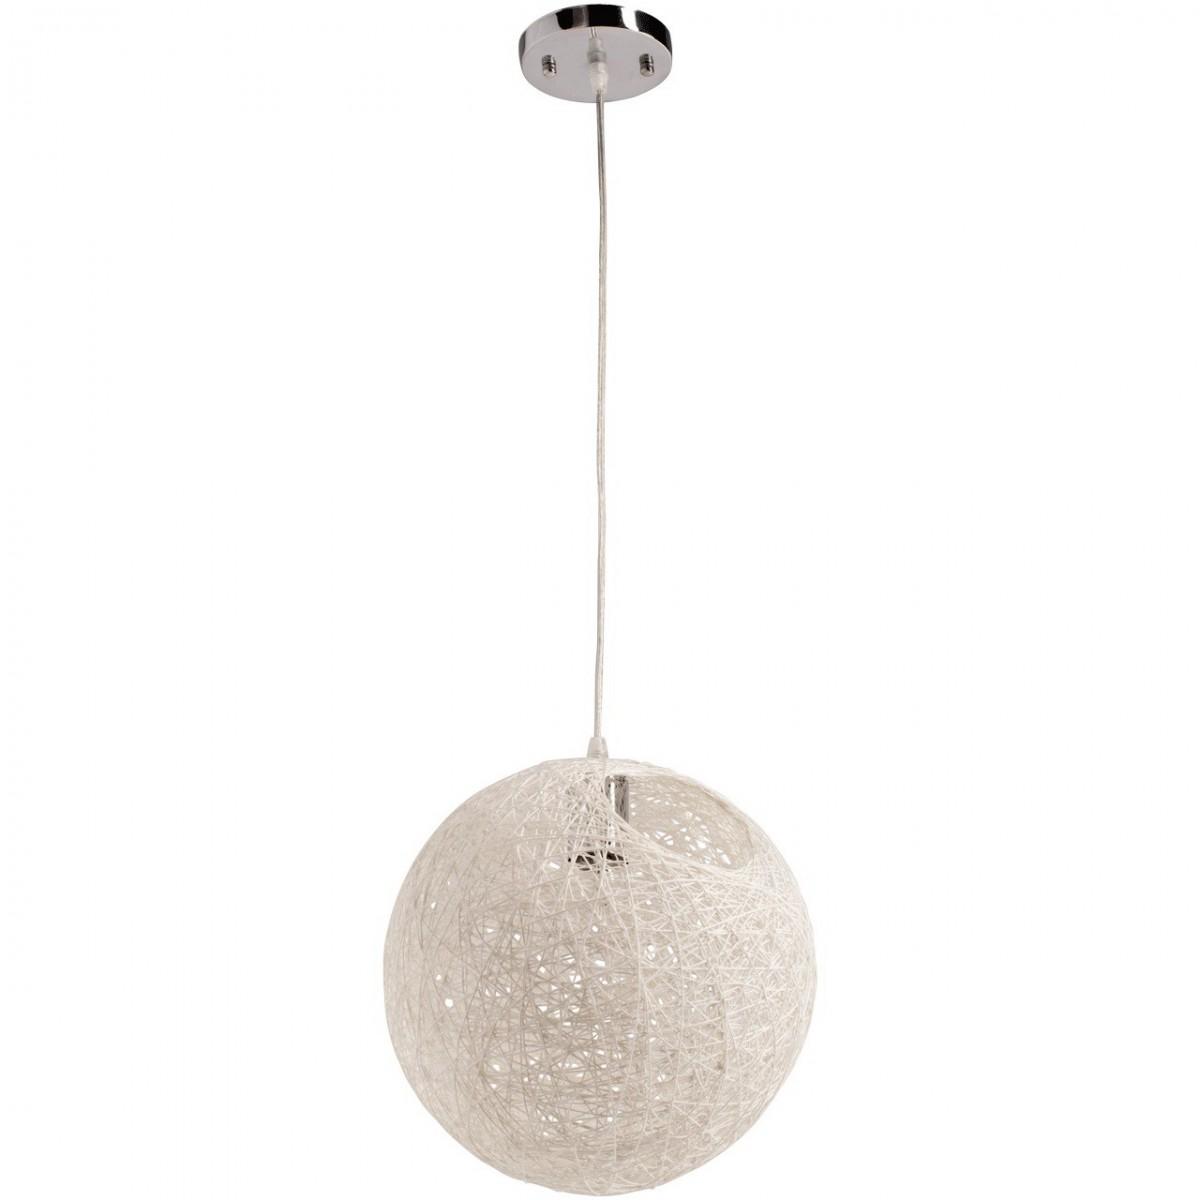 deckenleuchte deckenlampe eco style 30 cm chrom wei metall papier neu ebay. Black Bedroom Furniture Sets. Home Design Ideas